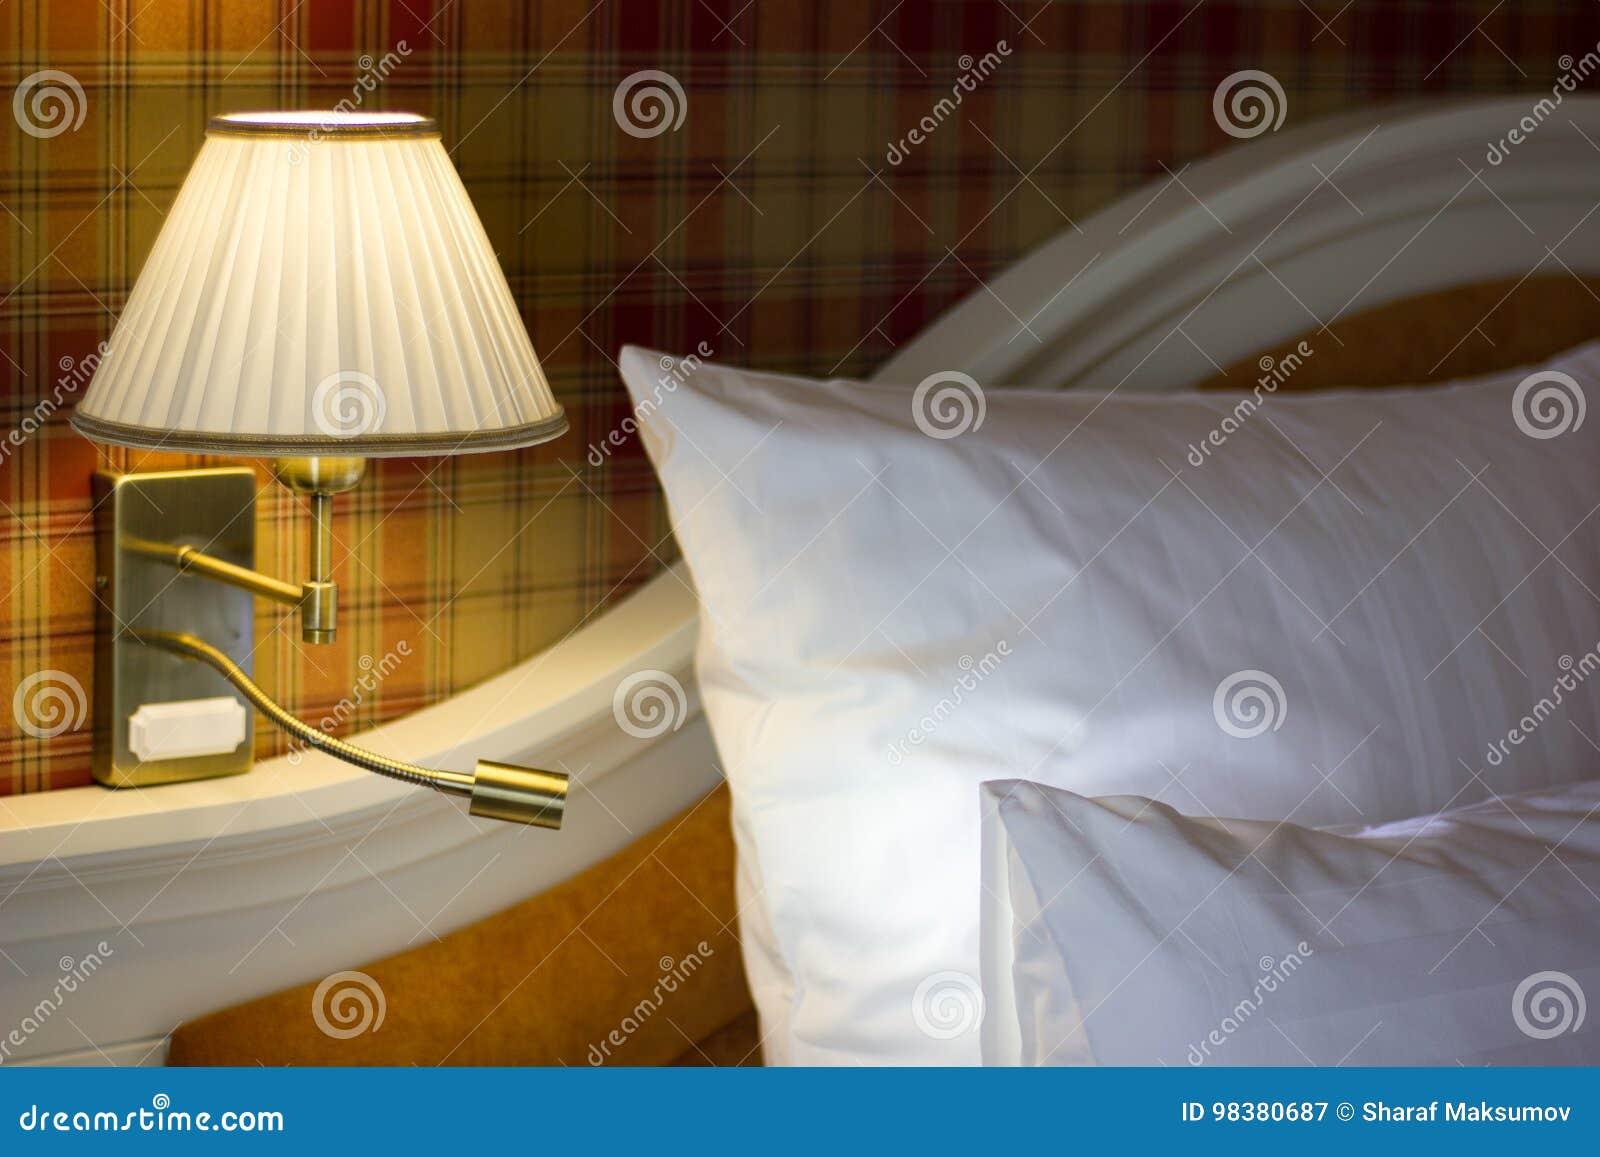 Muurlamp In Slaapkamer Stock Foto - Afbeelding: 98380687